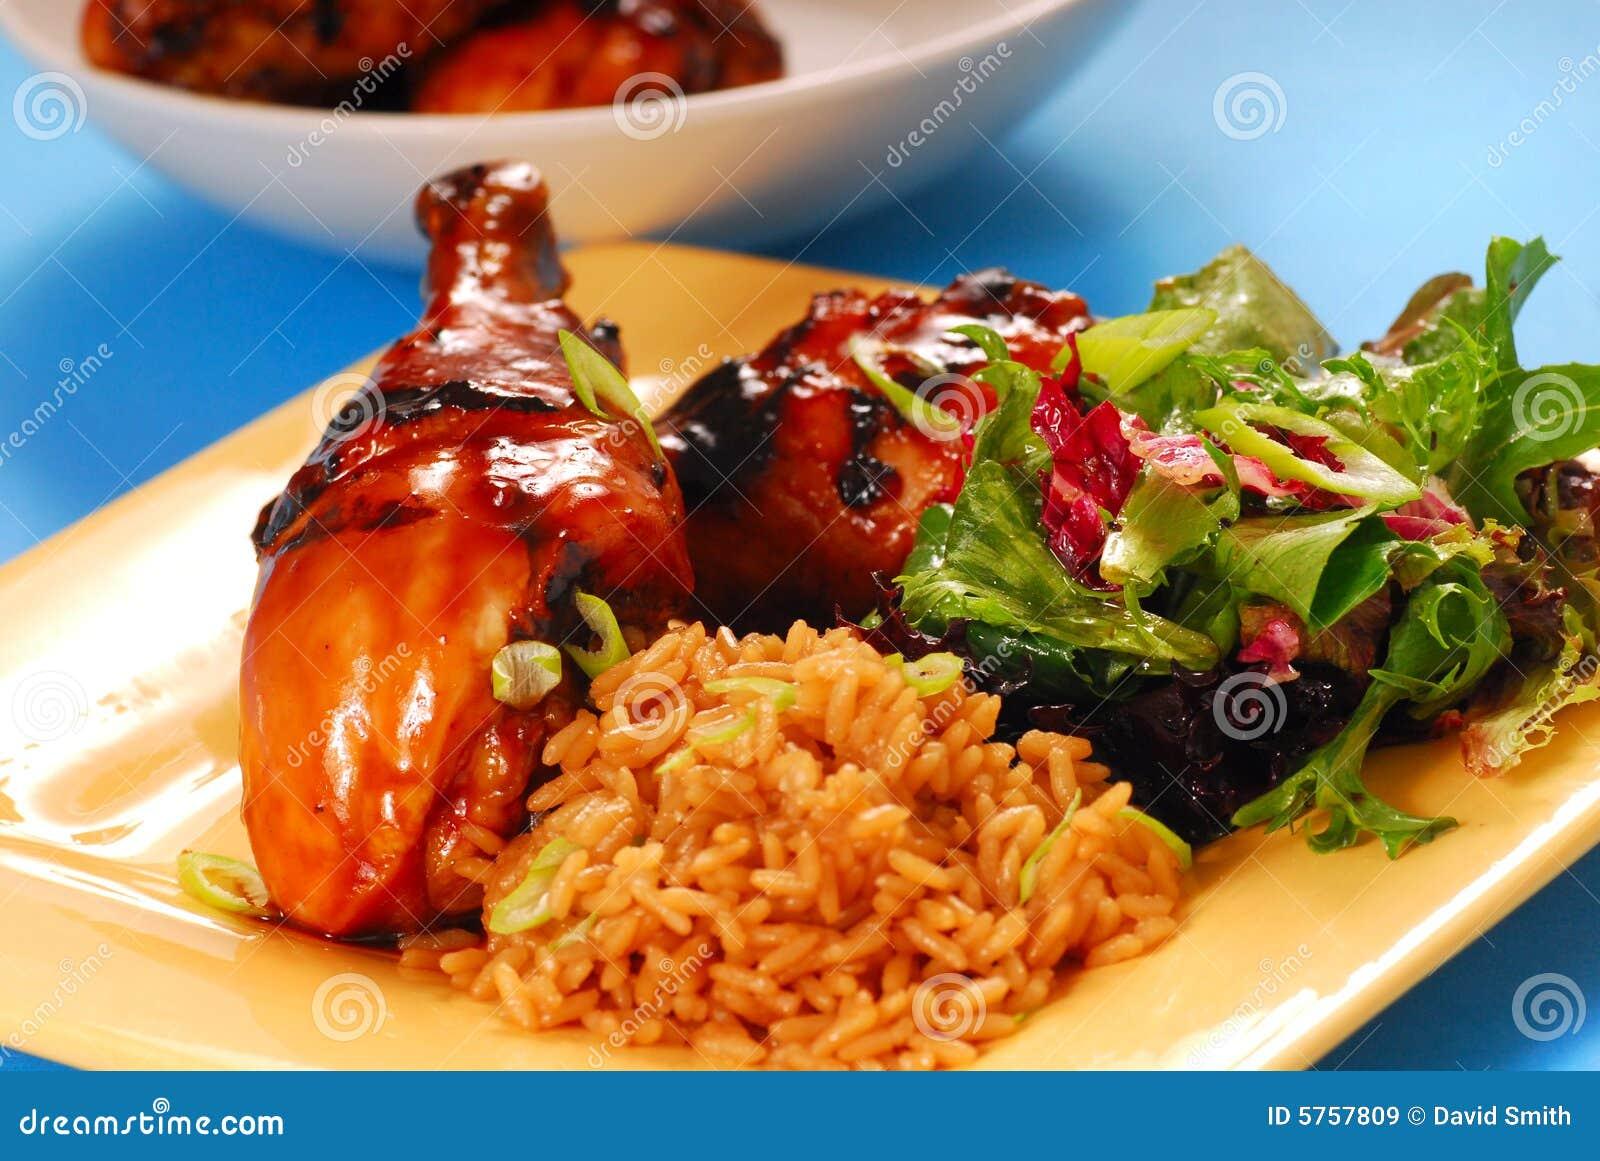 Miele e pollo asiatico lustrato balsamico